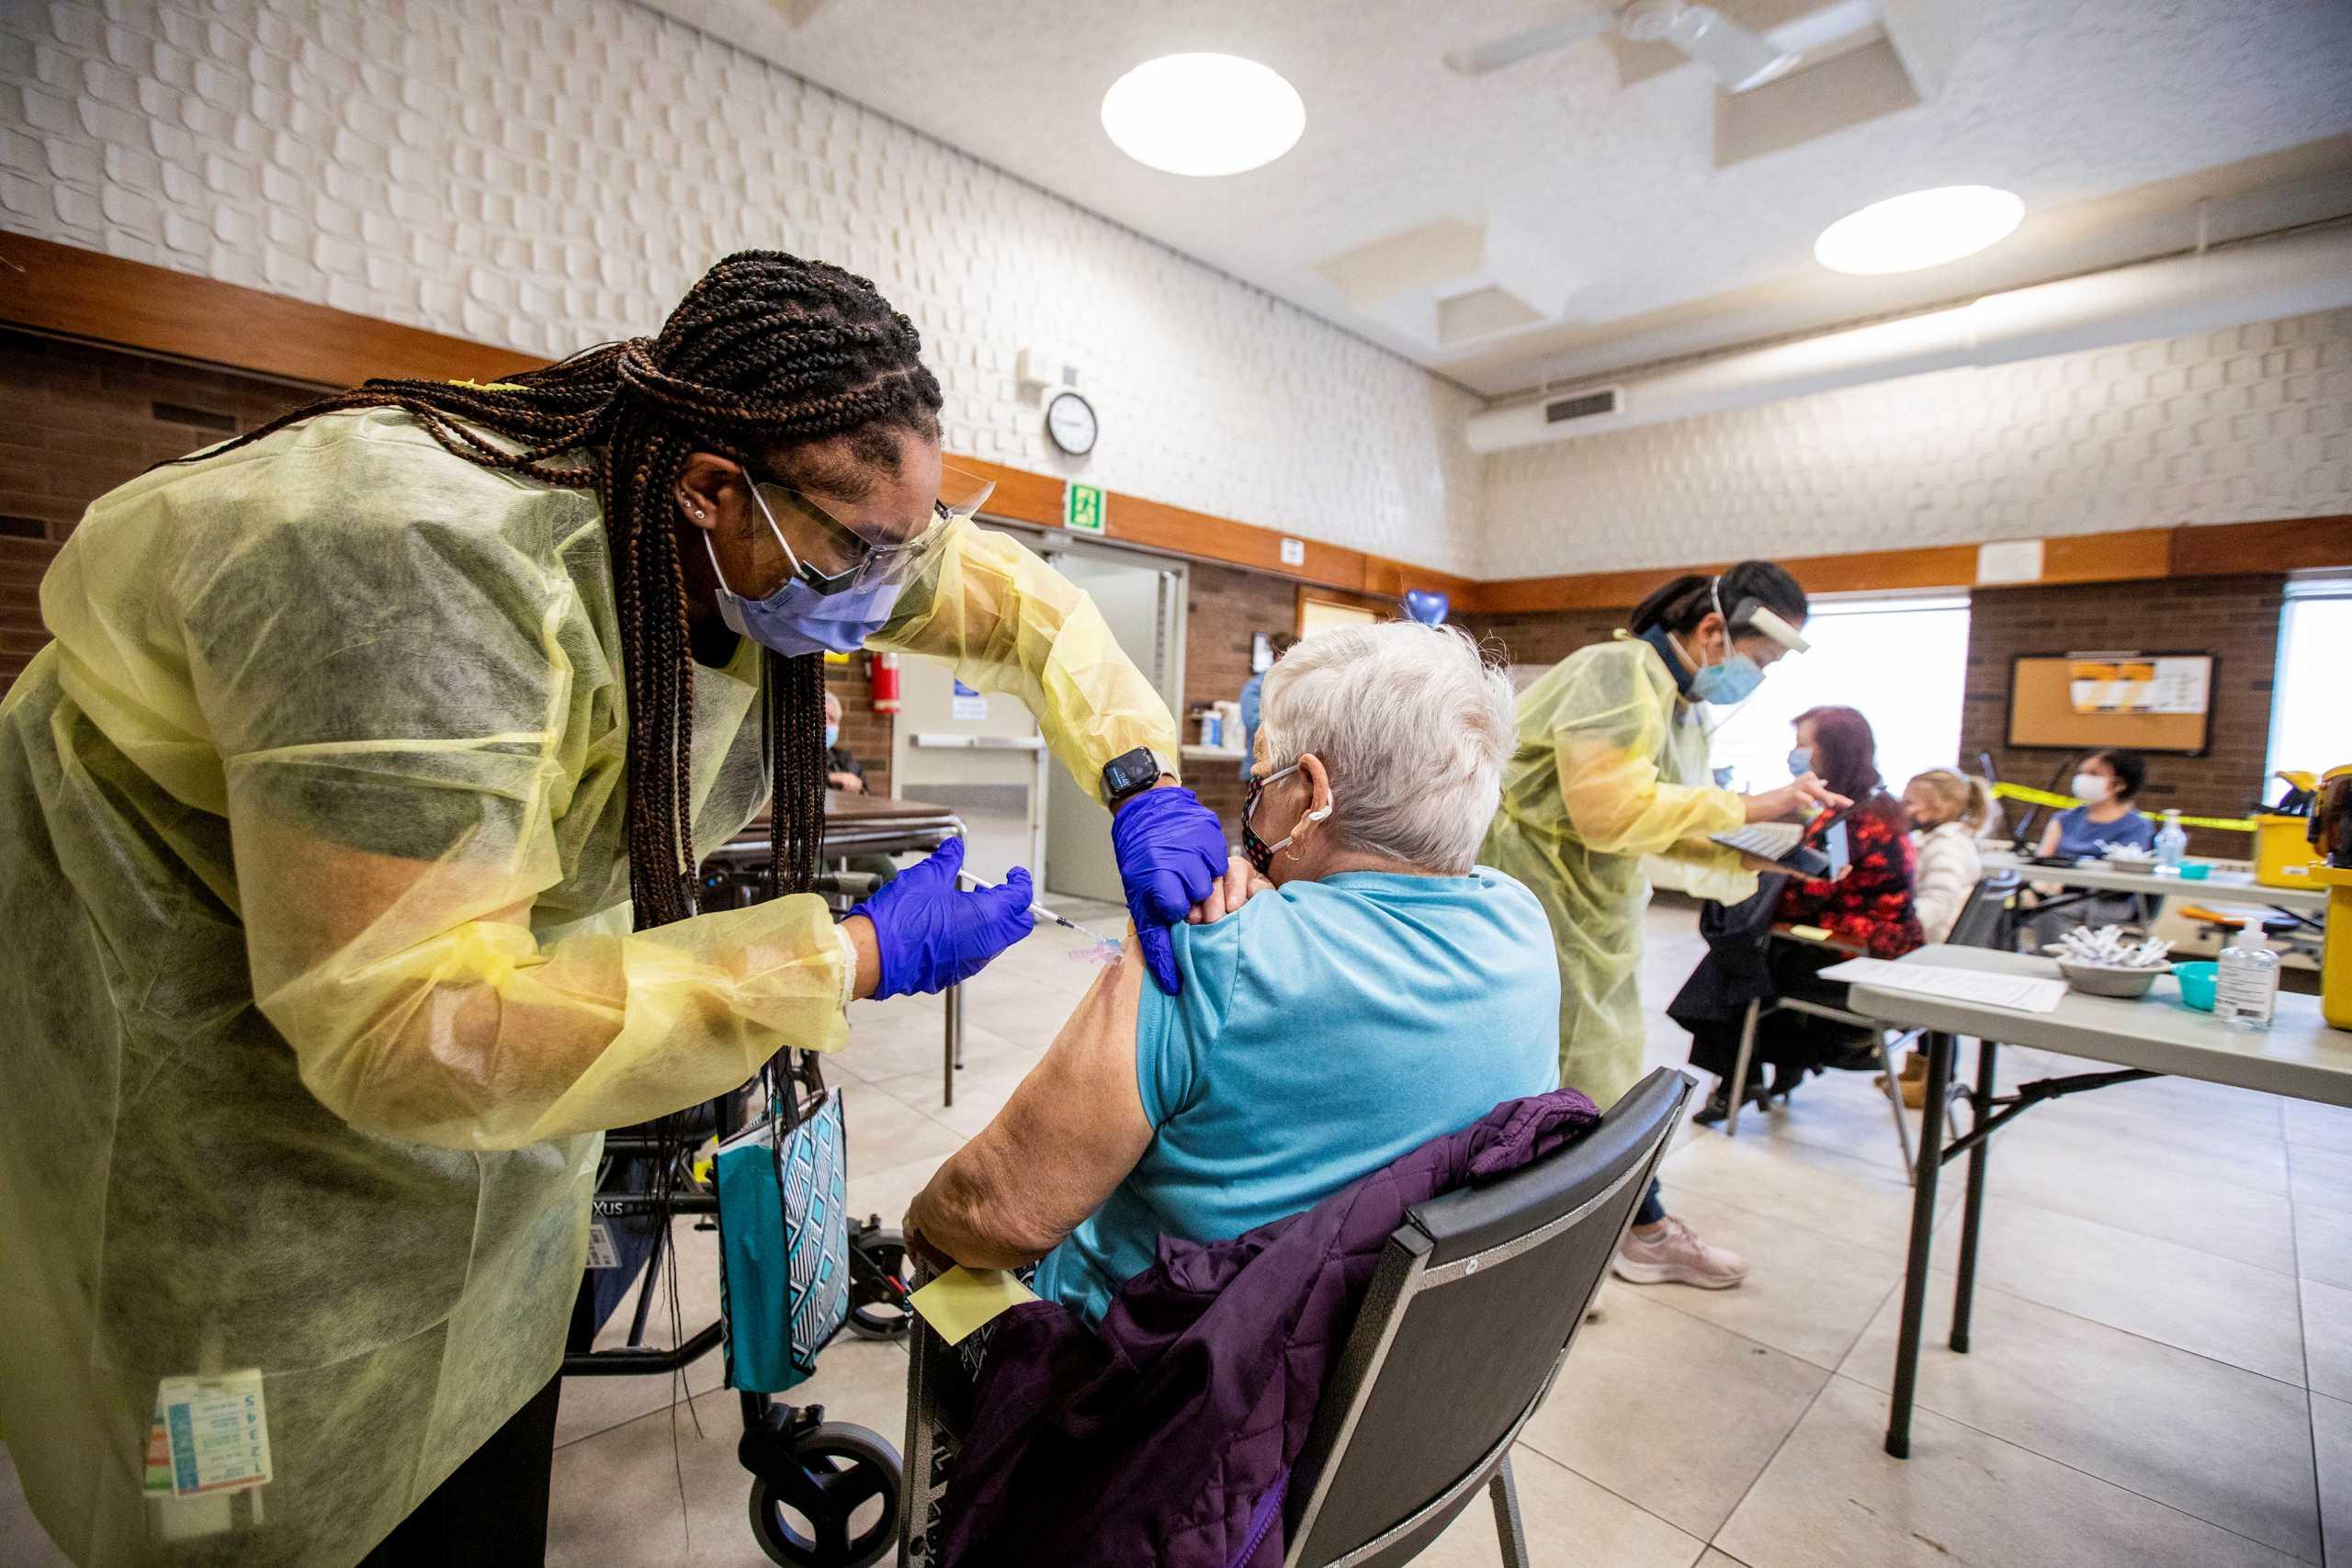 ΗΠΑ: Μετάλλαξη του κορονοϊού εξαπλώθηκε σε γηροκομείο – Το 90% είχε εμβολιαστεί